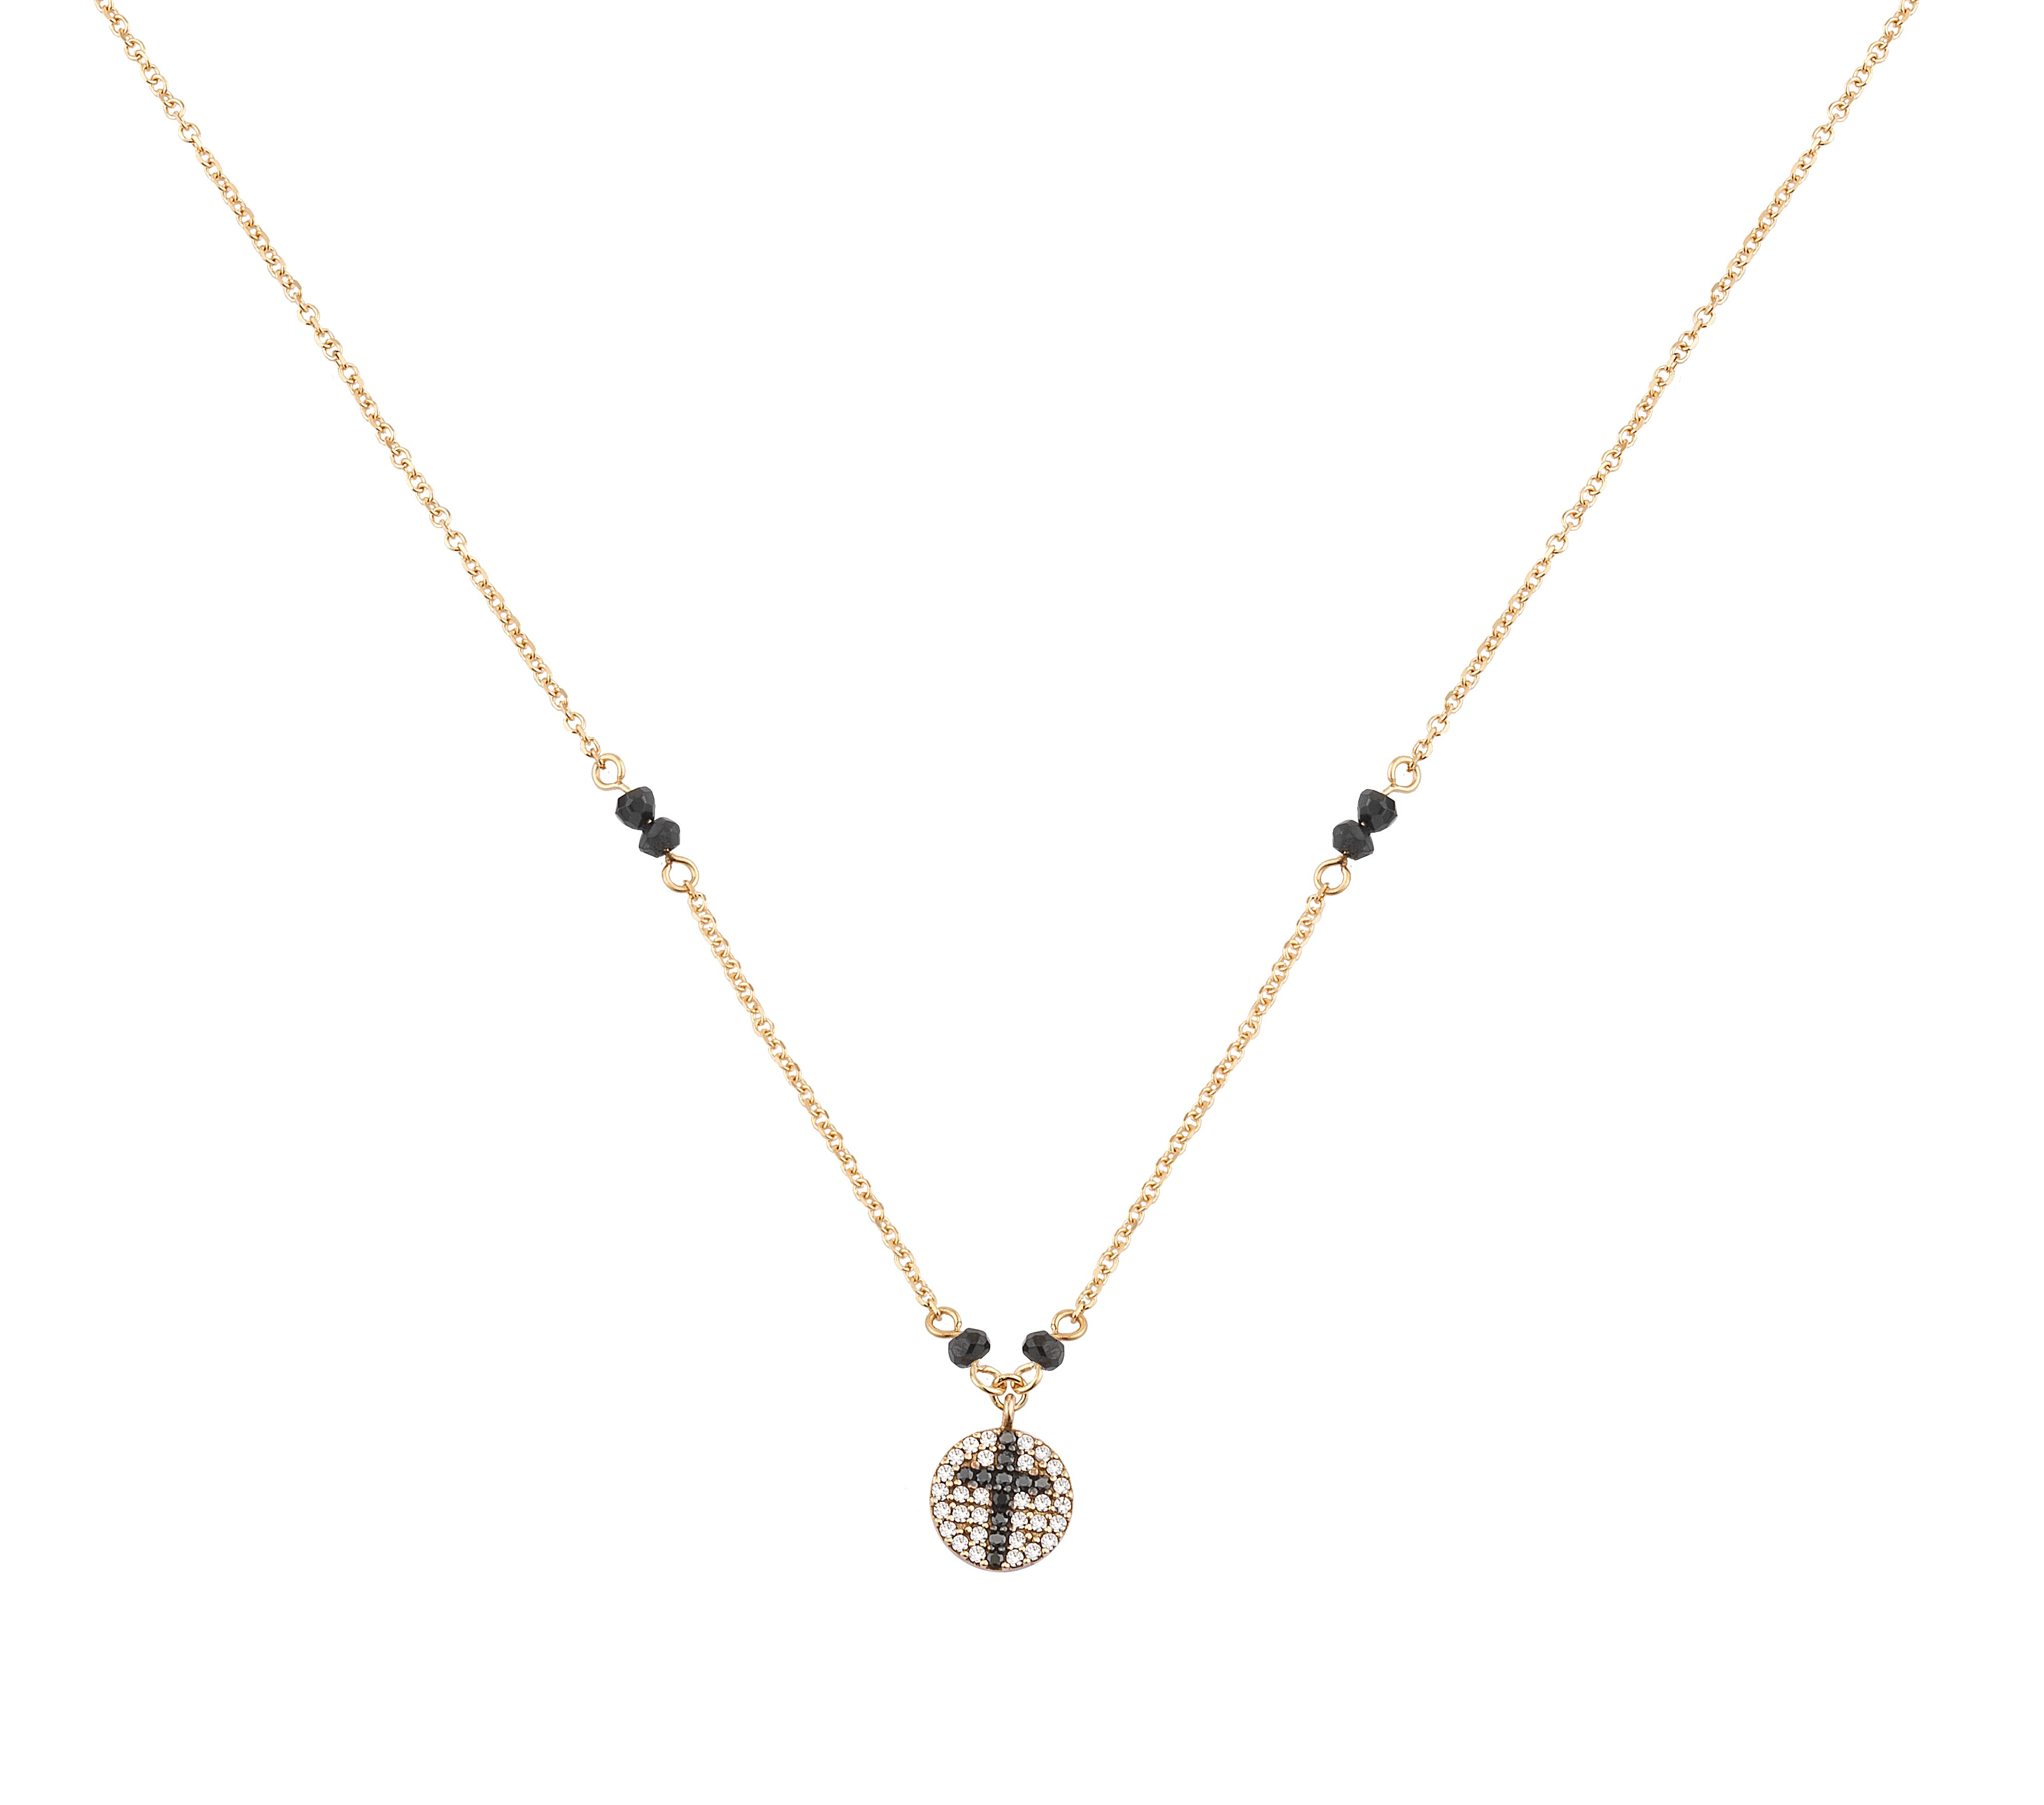 Κολιέ με Ζιργκόν Ροζ Χρυσός Κ9 - 10281